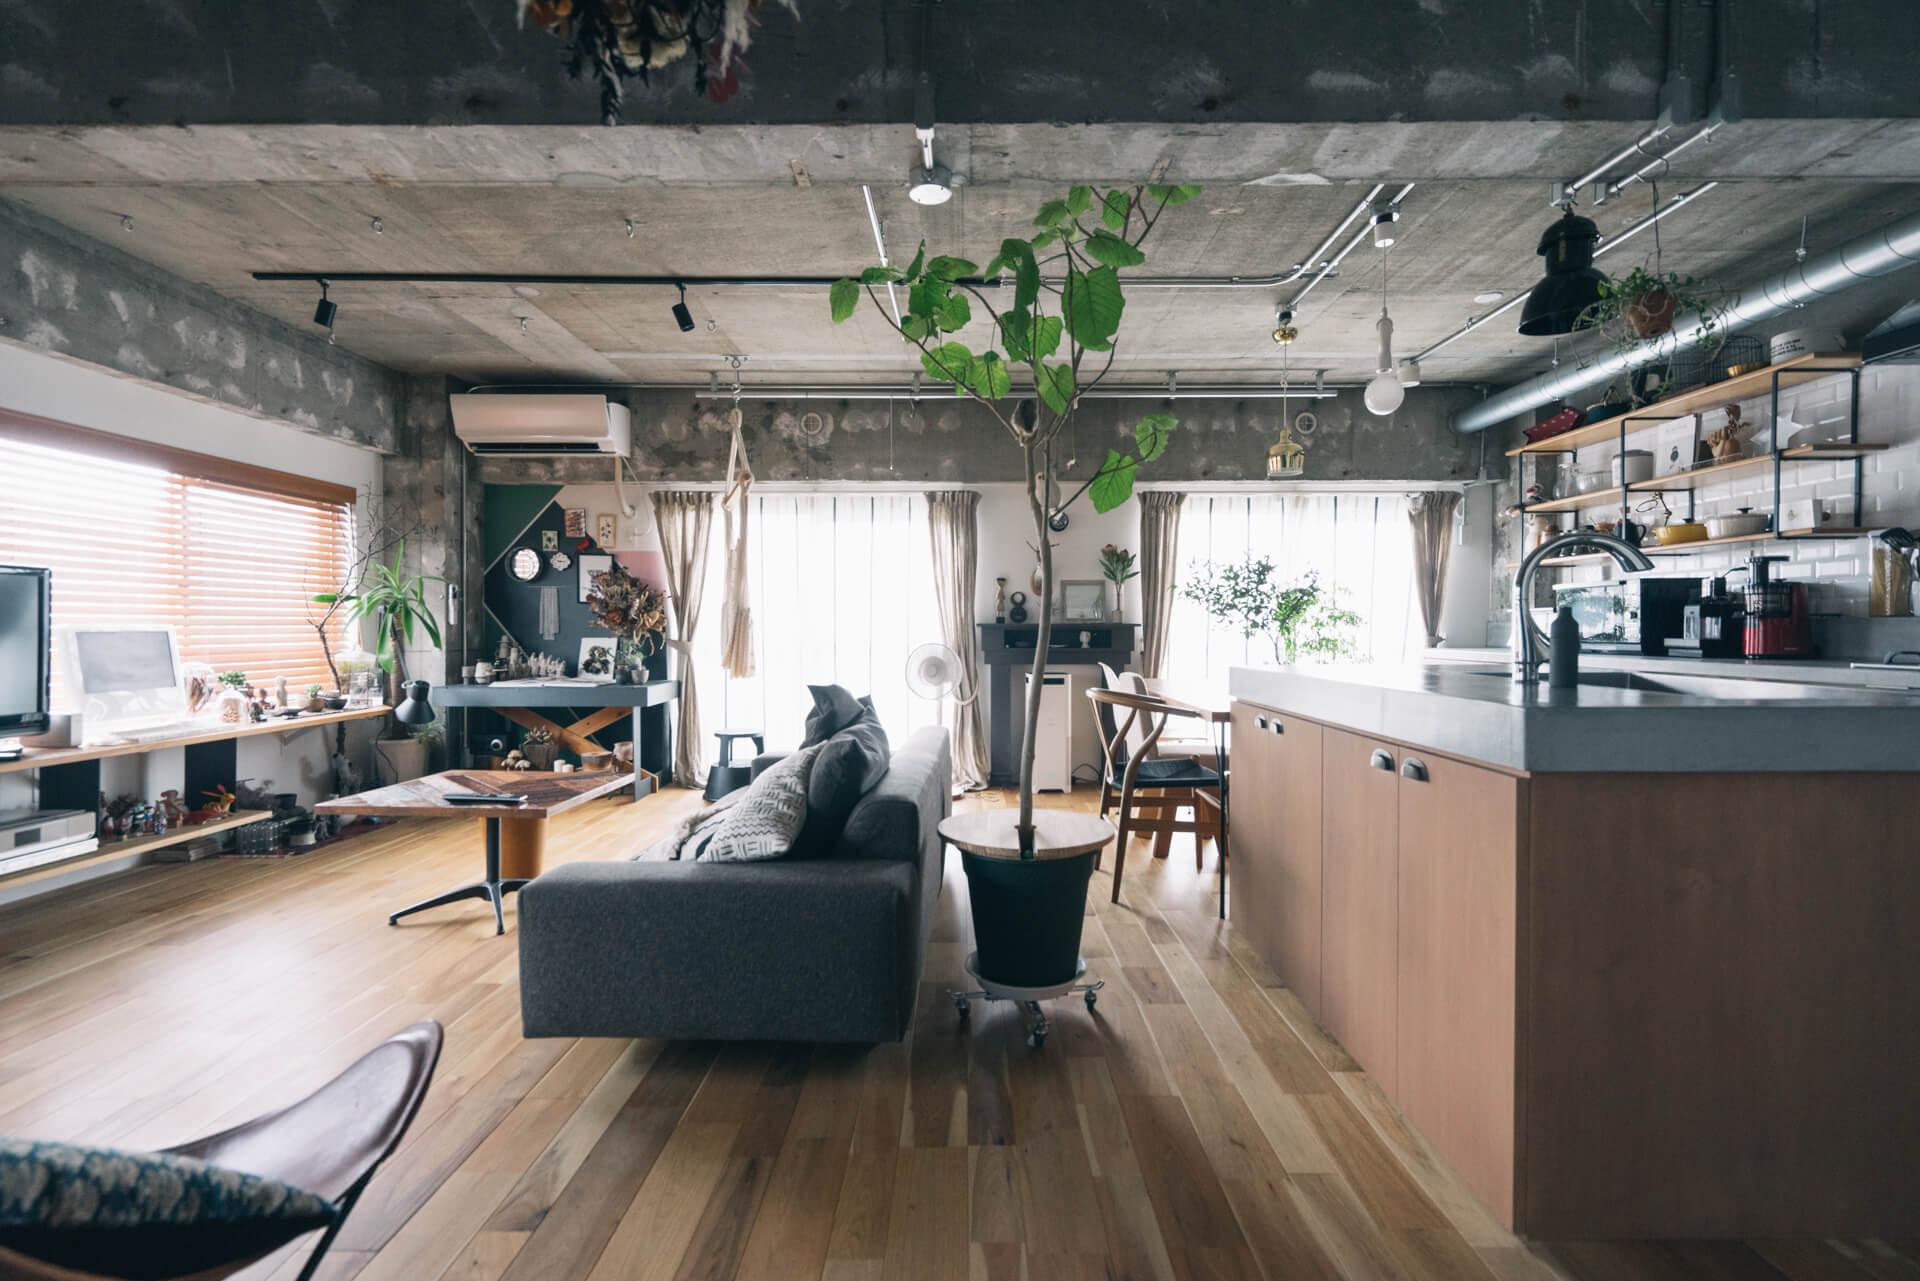 ふたり暮らしのasamiさんのお部屋。天井にライティングレールが張り巡らされたリノベーションLDKです。